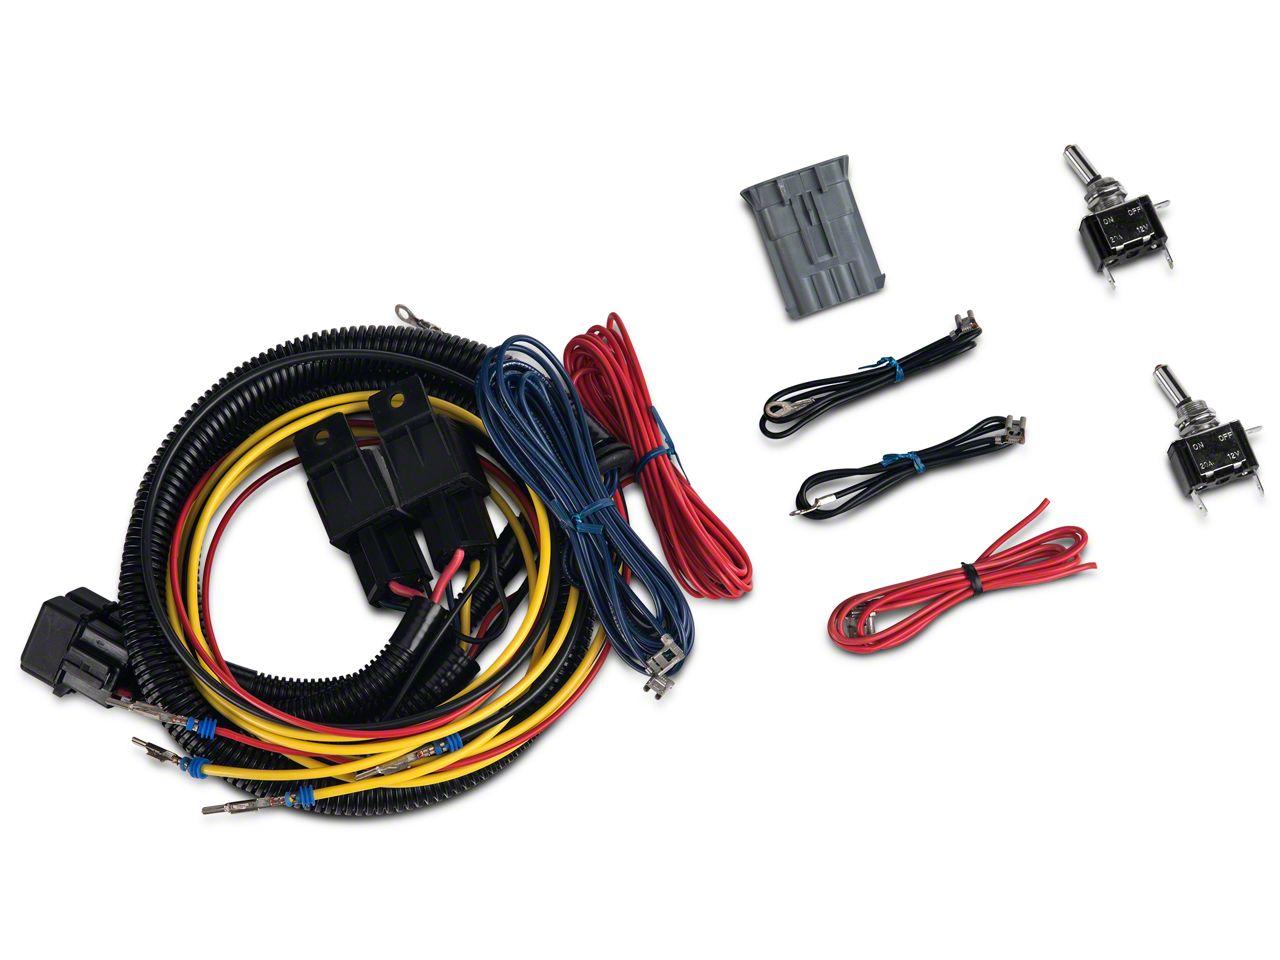 Delta SkyBar 6 Light Wiring Harness (97-18 Jeep Wrangler TJ, JK & JL)